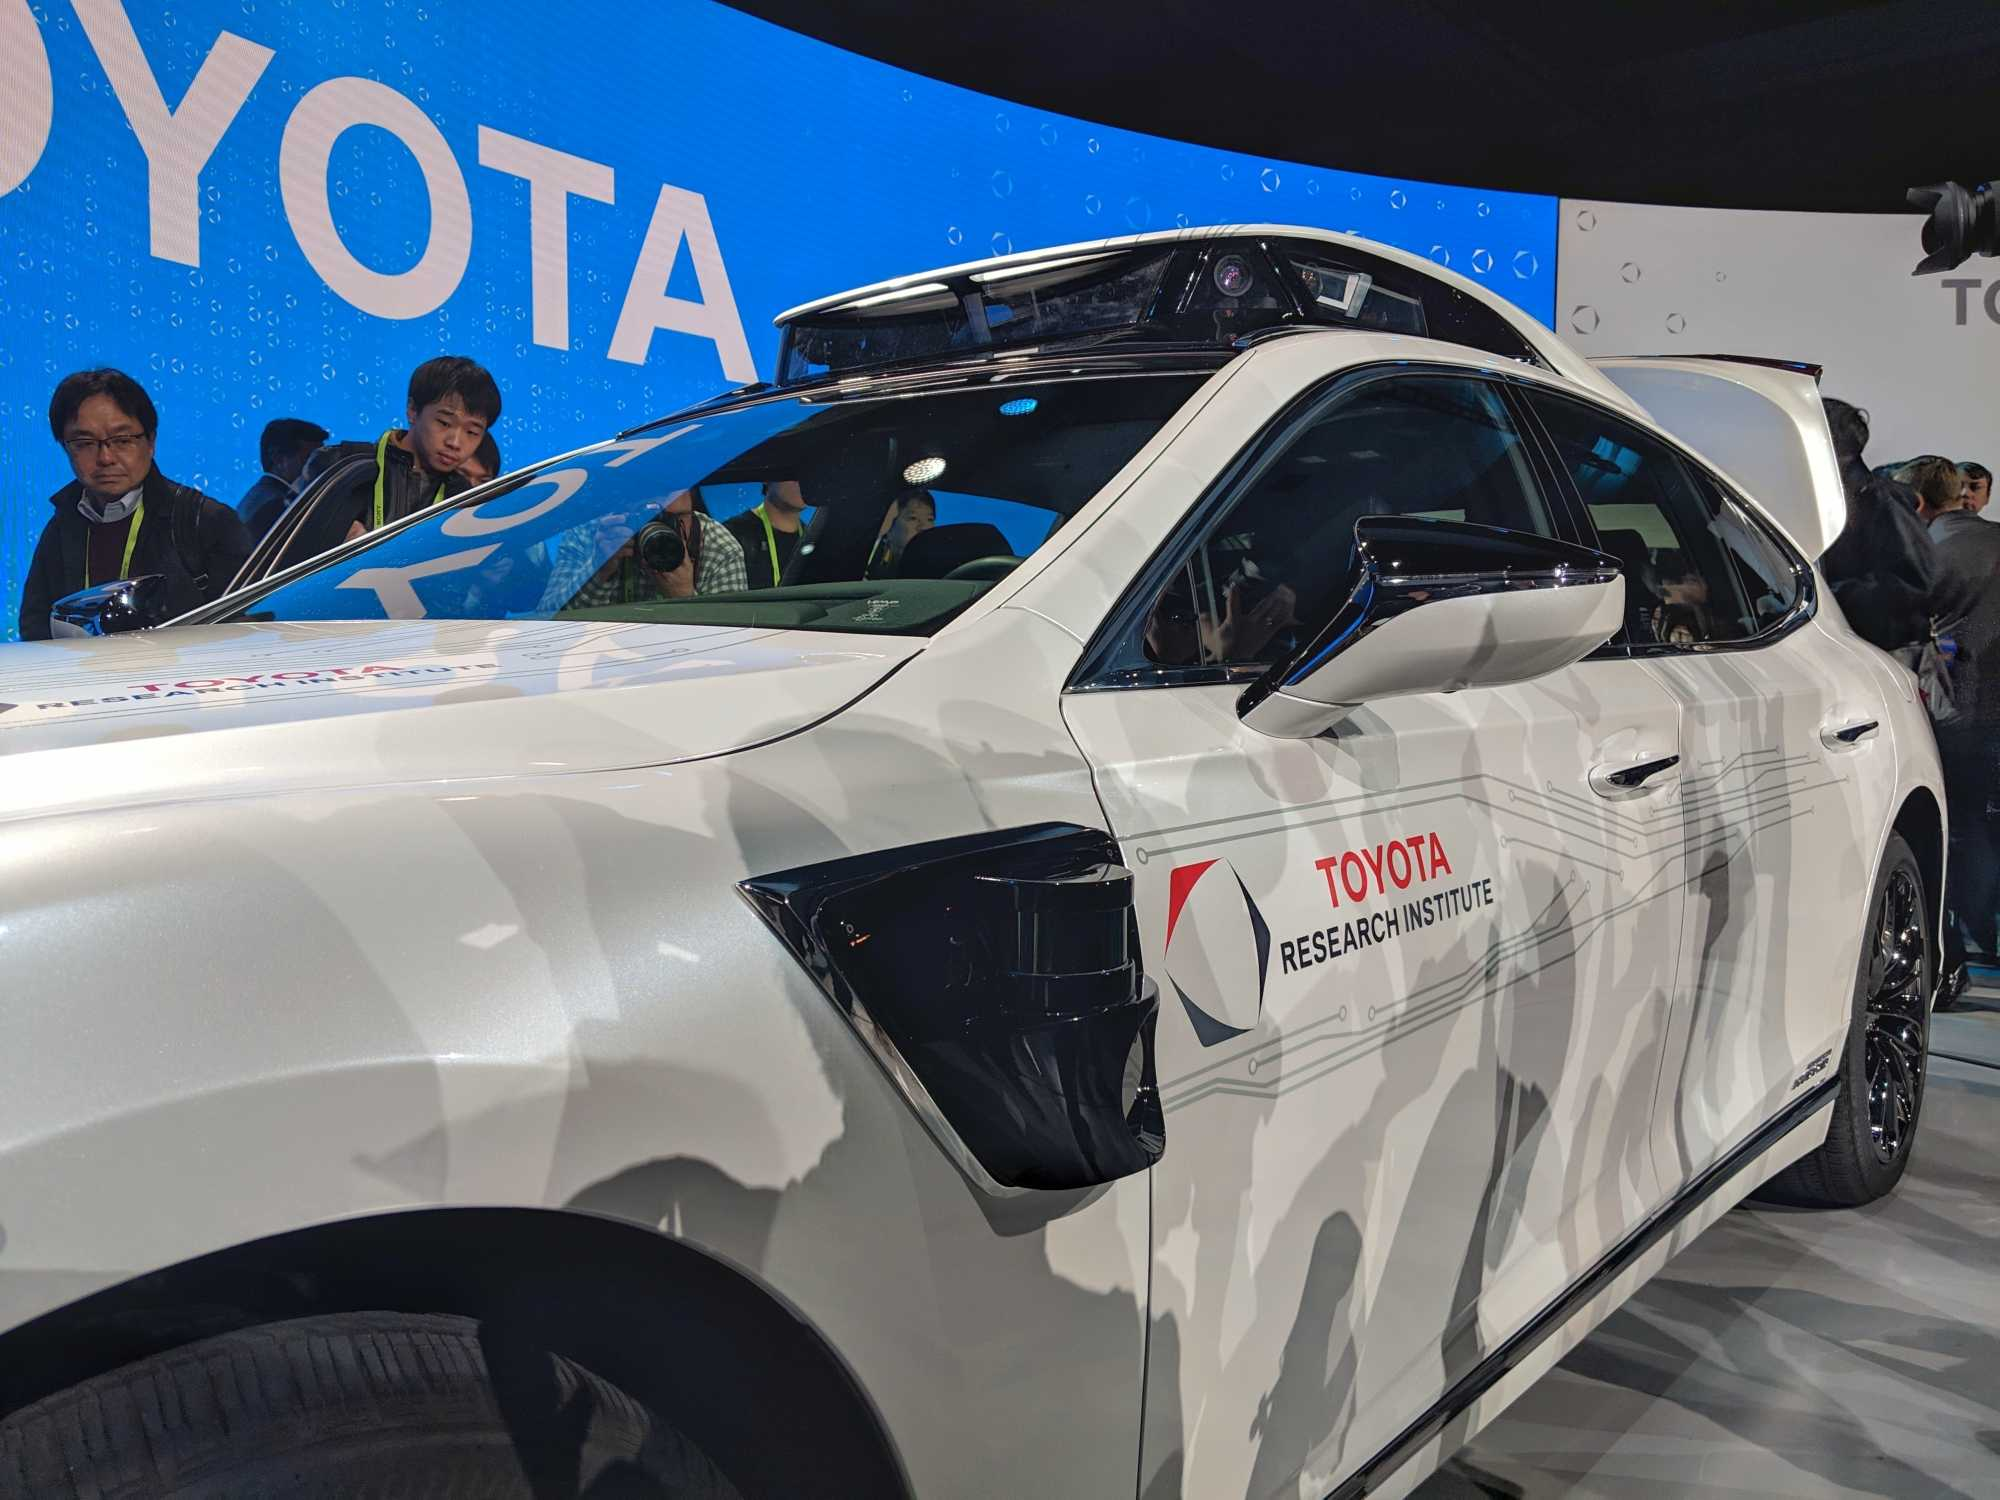 Das autonome Versuchsfahrzeug erkennt mit seinen Sensoren auch im manuellen Modus Gefahren und greift schneller ein als der menschliche Fahrer.